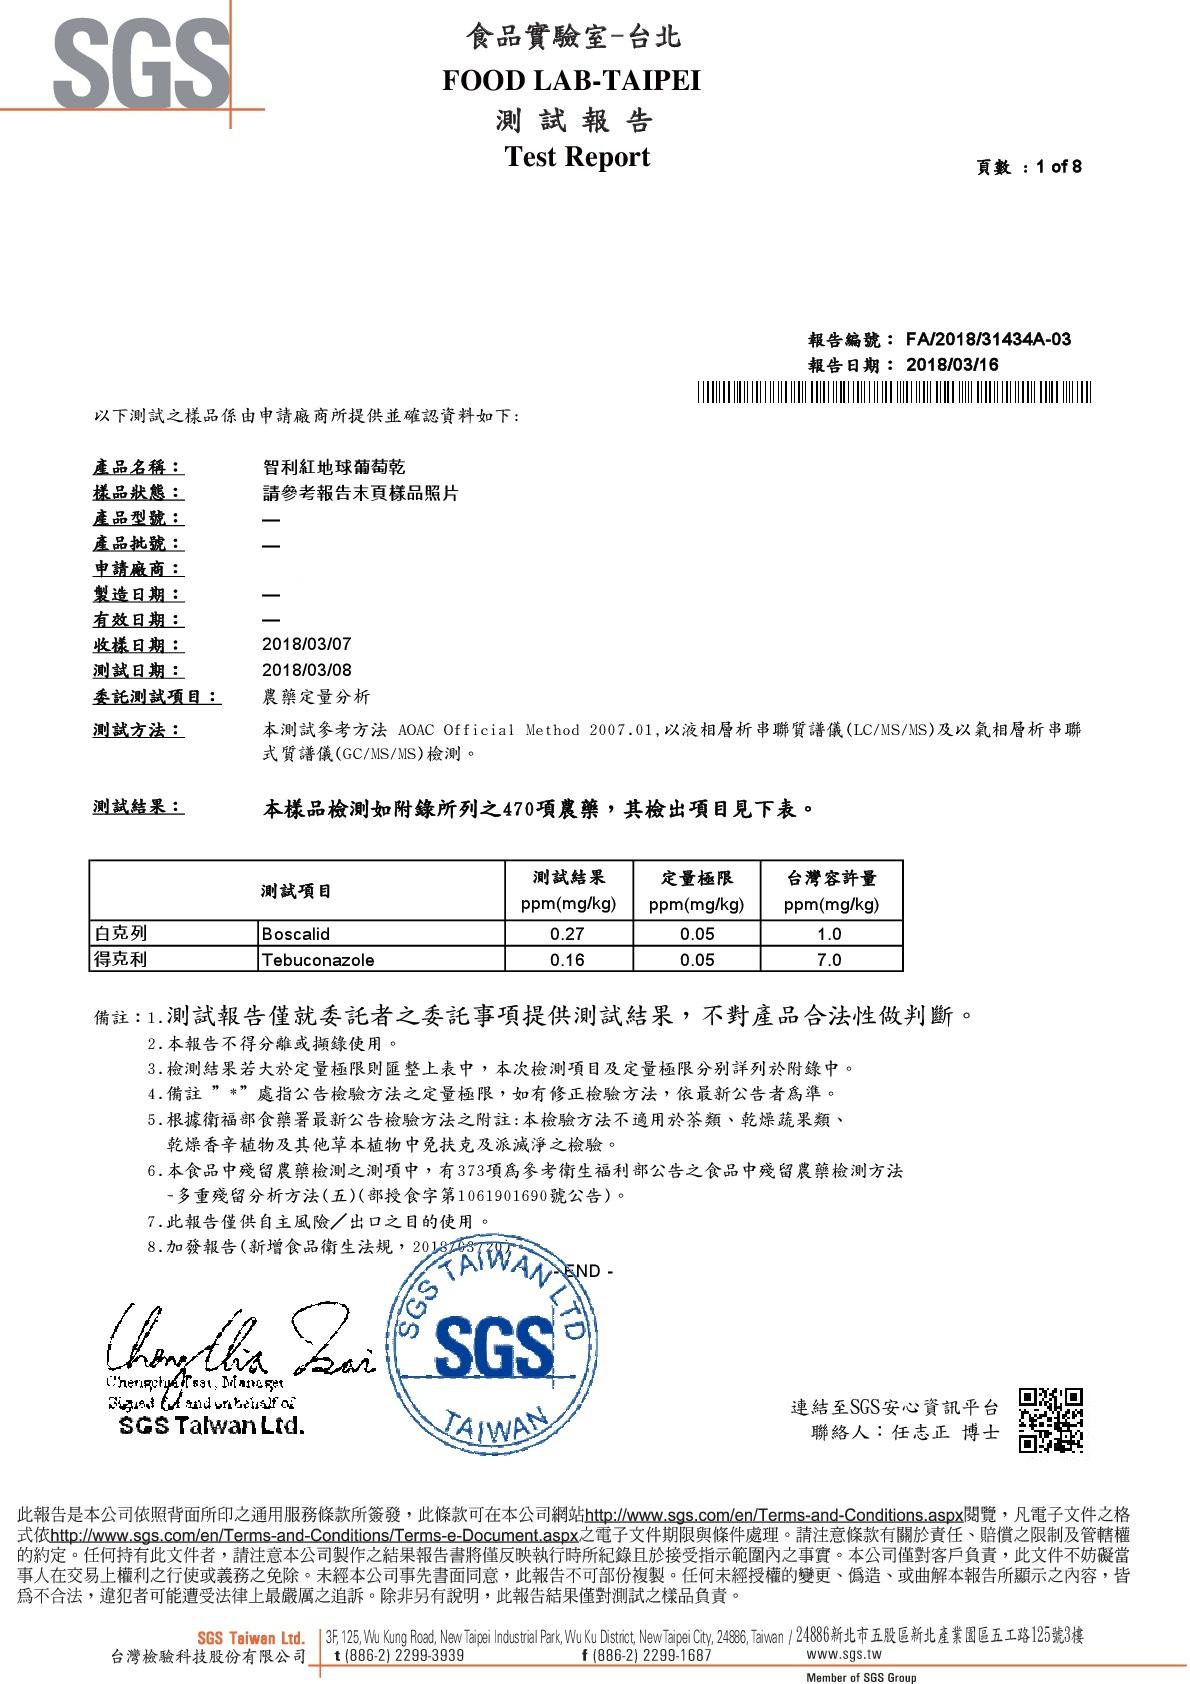 智利紅地球葡萄乾-SGS農藥檢驗合格